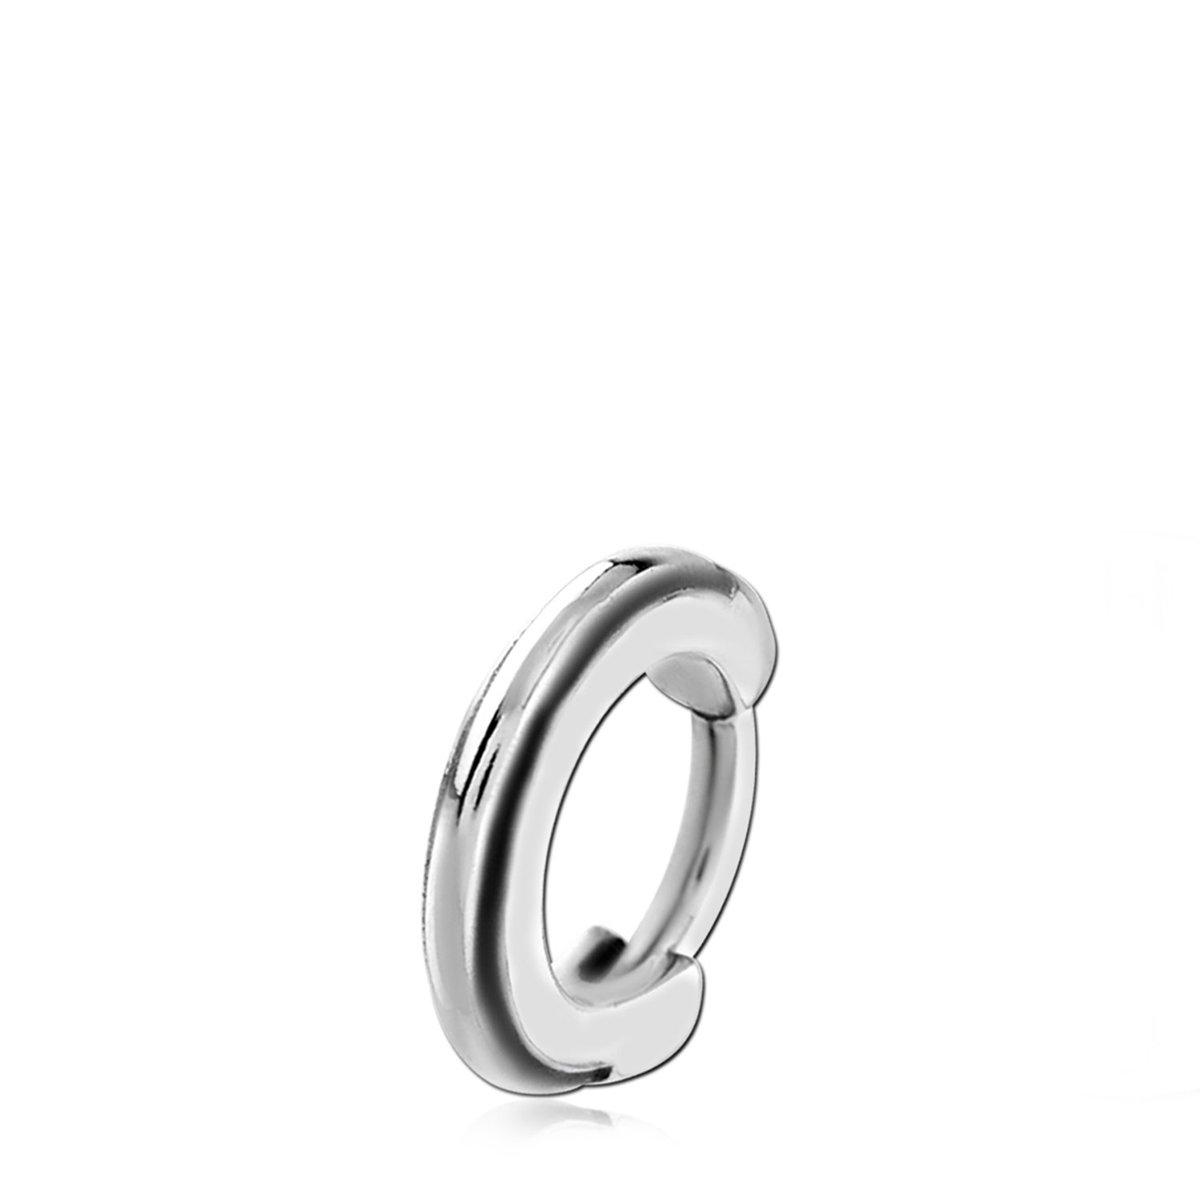 Lucardi - Stalen helixpiercing ring clicker kopen